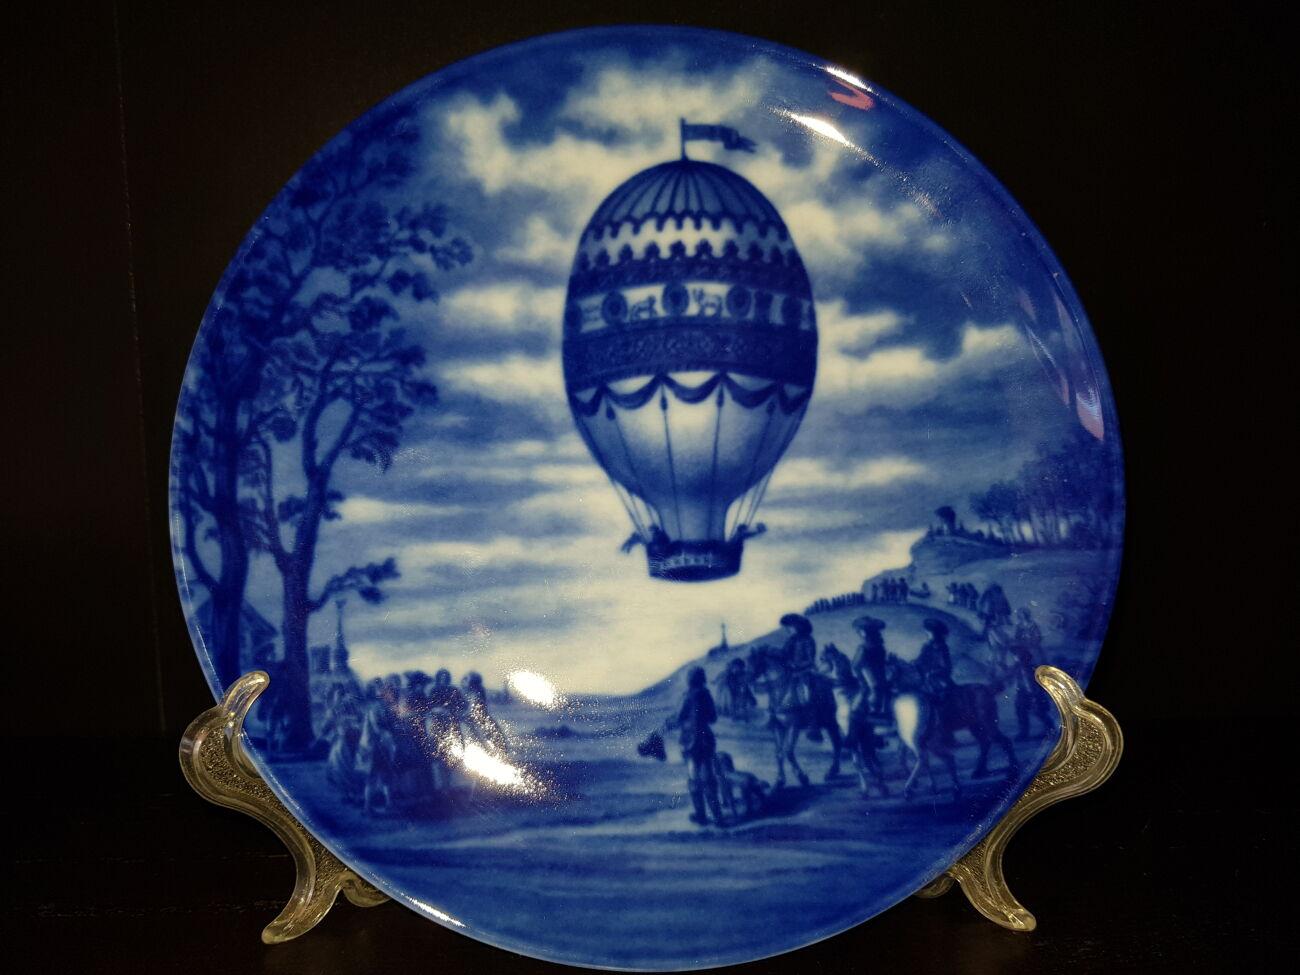 Продам немецкую, кобальтовую, фарфоровую, декоративную, коллекционную